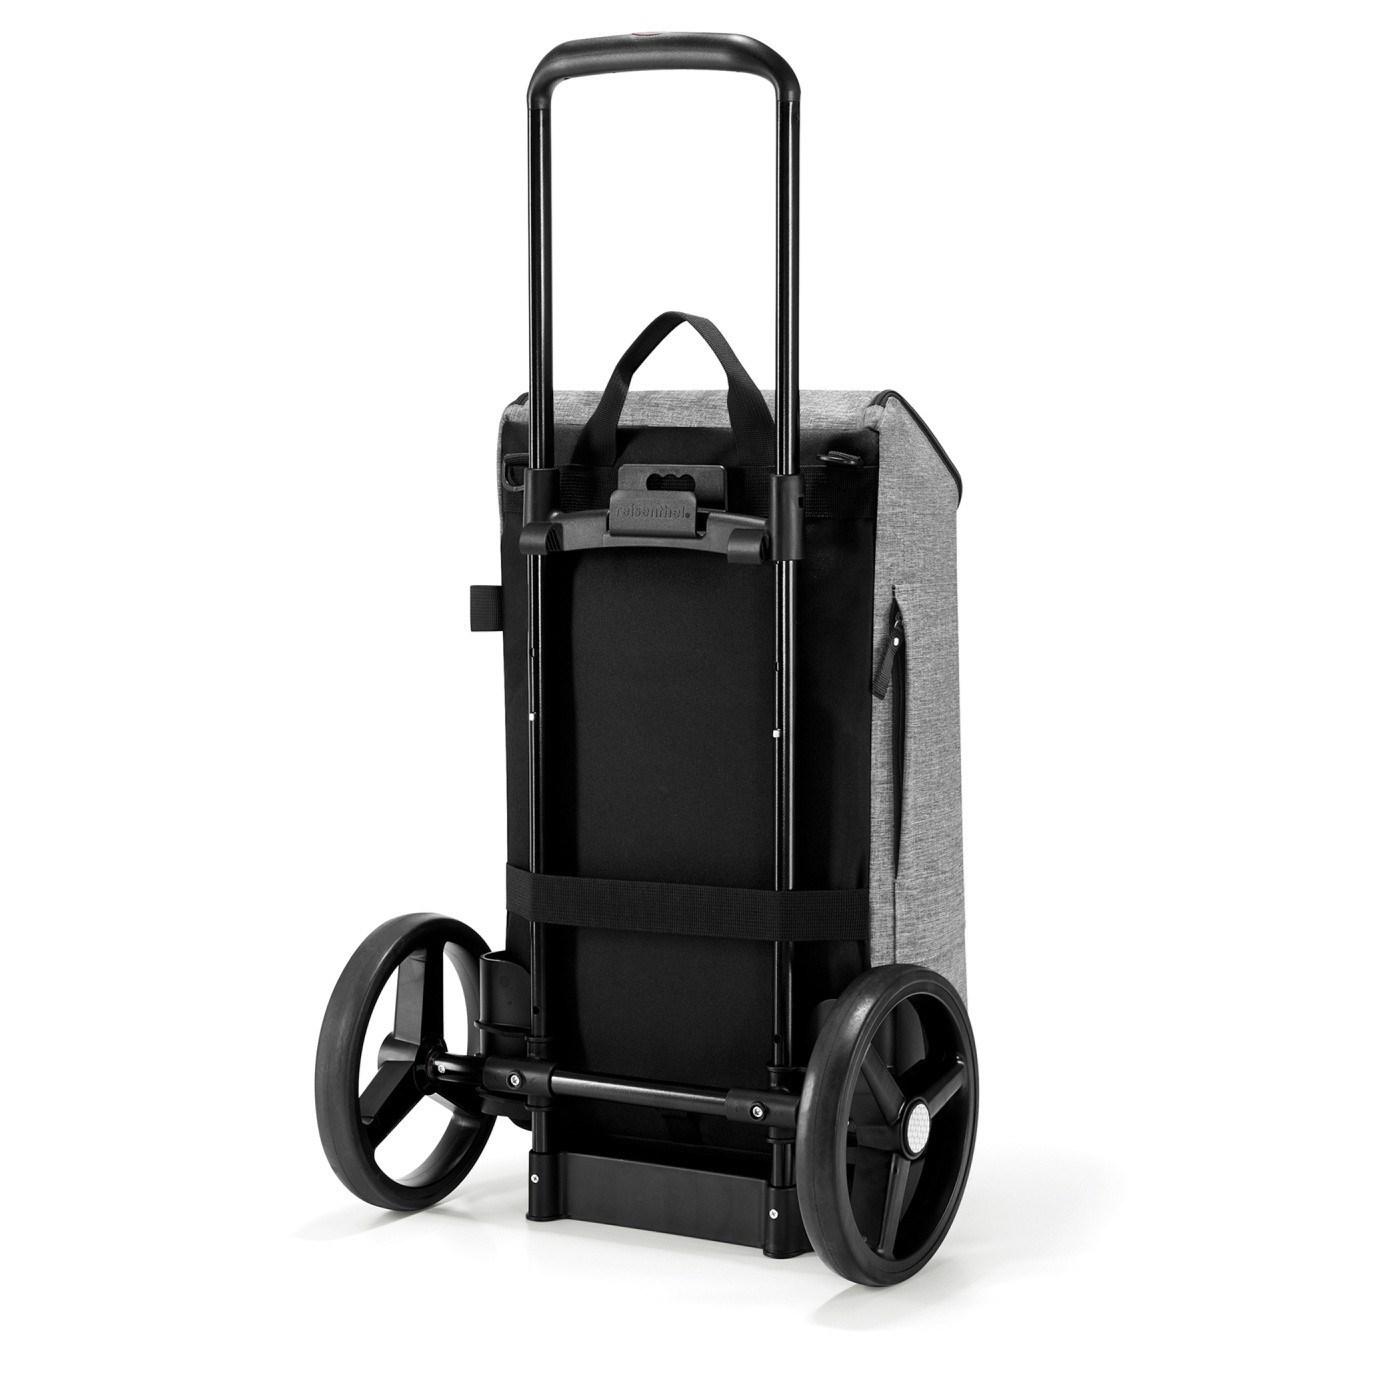 Městská taška Citycruiser Bag twist silver (bez vozíku DE7003!)_1